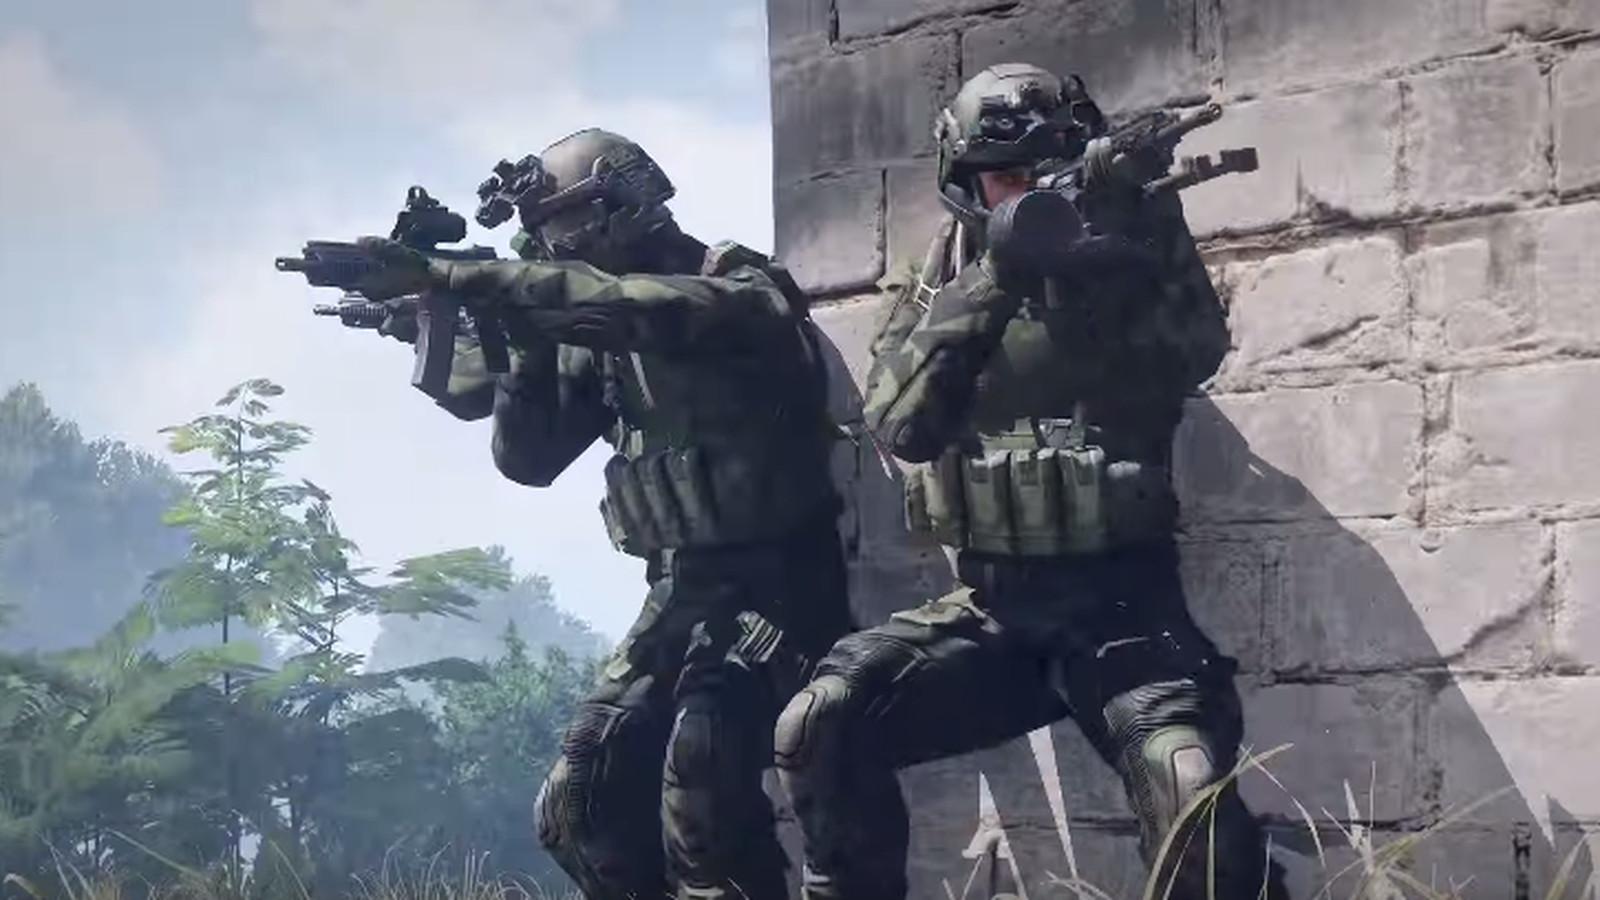 Arma 4 release date